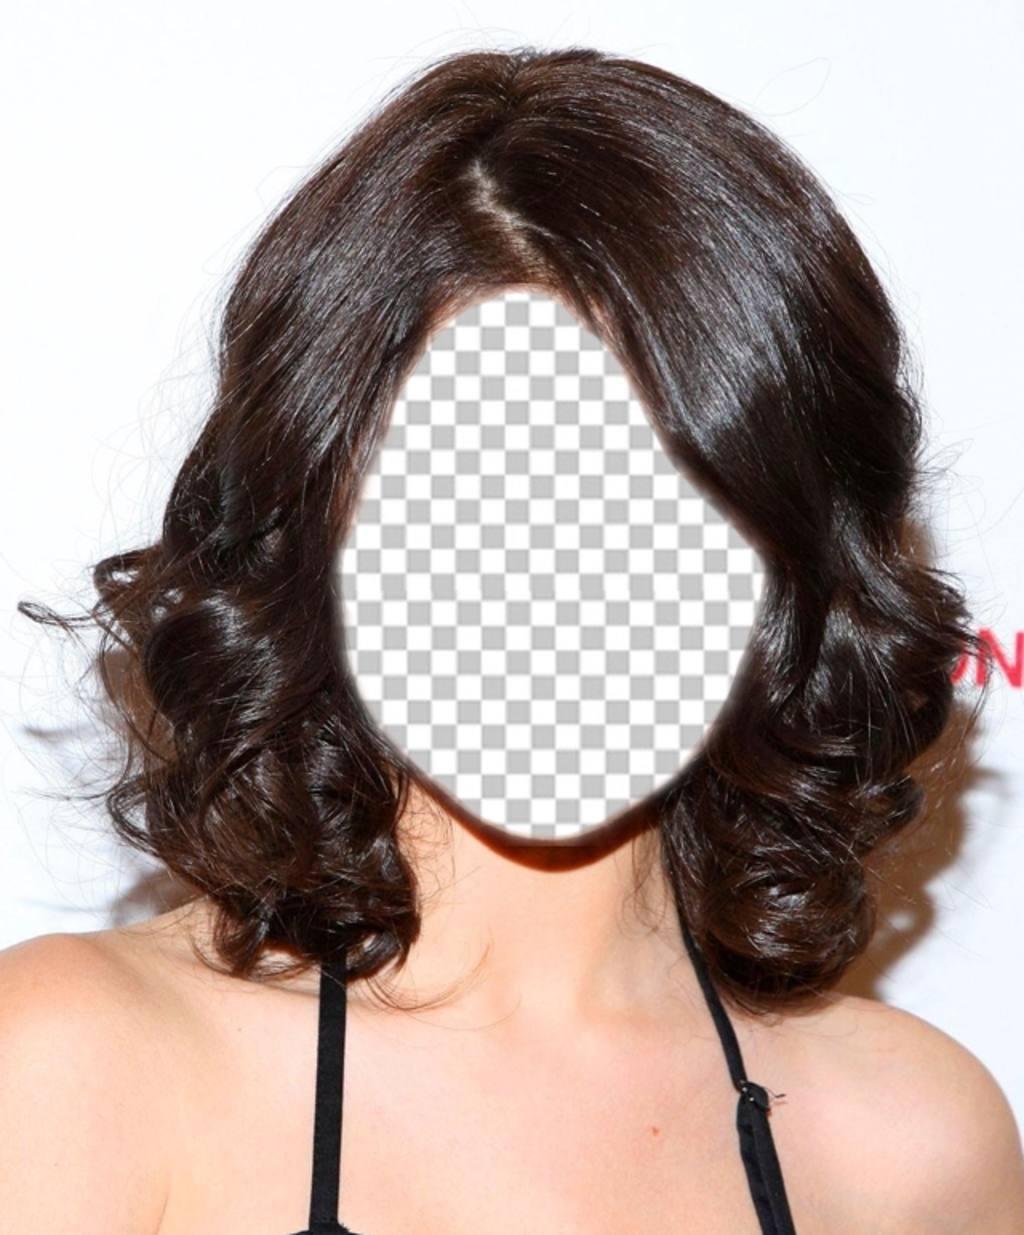 Obtenez le look de Selena Gomez avec ce photomontage pour éditer gratuitement